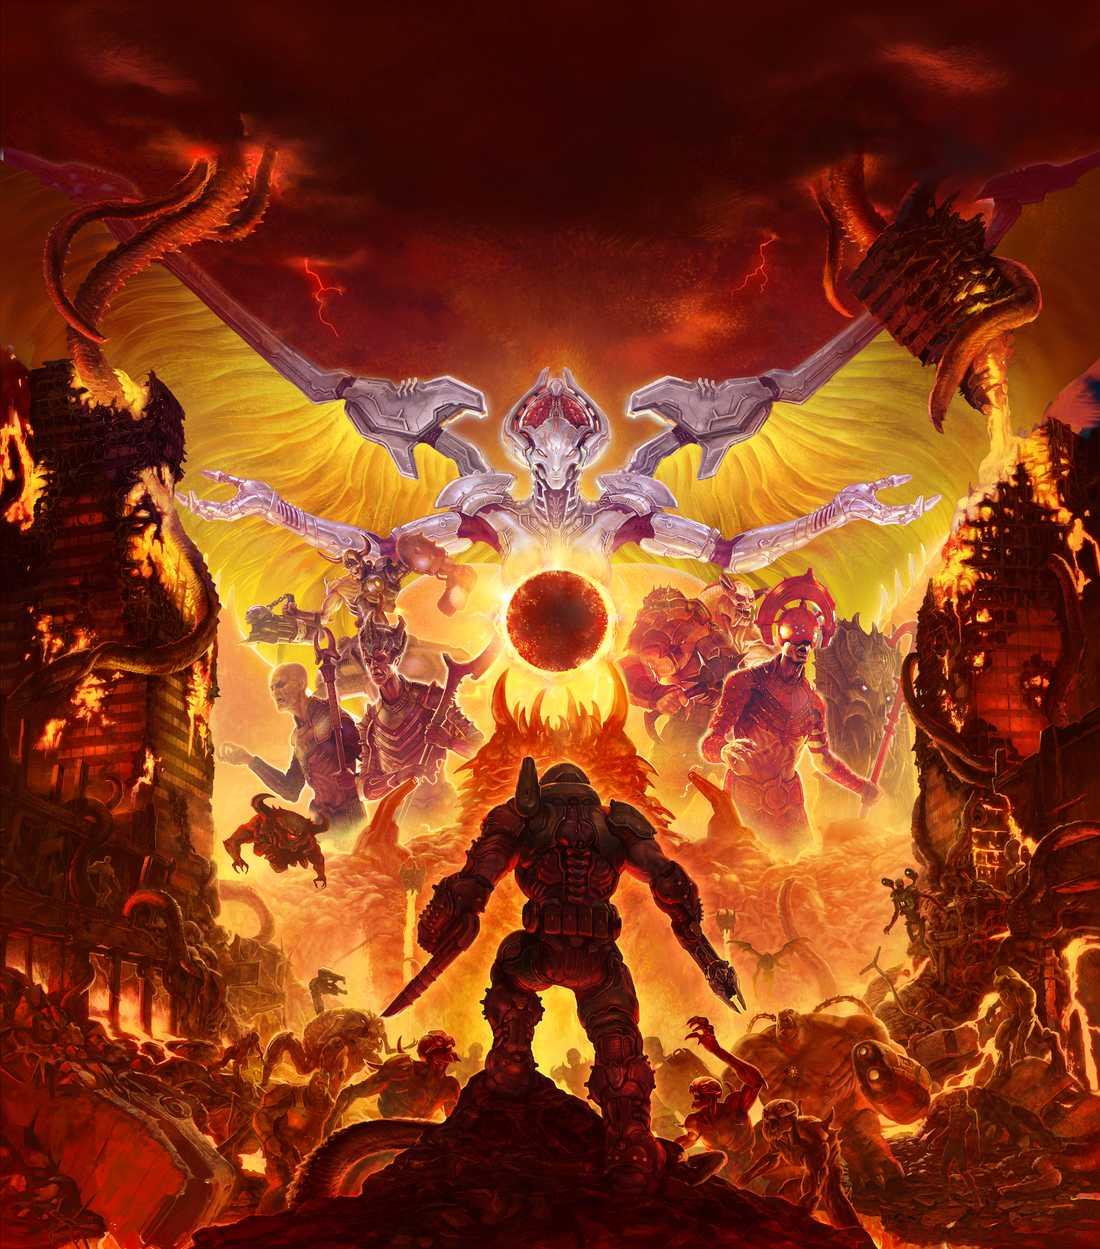 """För den som är intresserad finns en omfattande bakgrundsberättelse i """"Doom eternal"""". Men det går också alldeles utmärkt att helt strunta i den. Pressbild."""